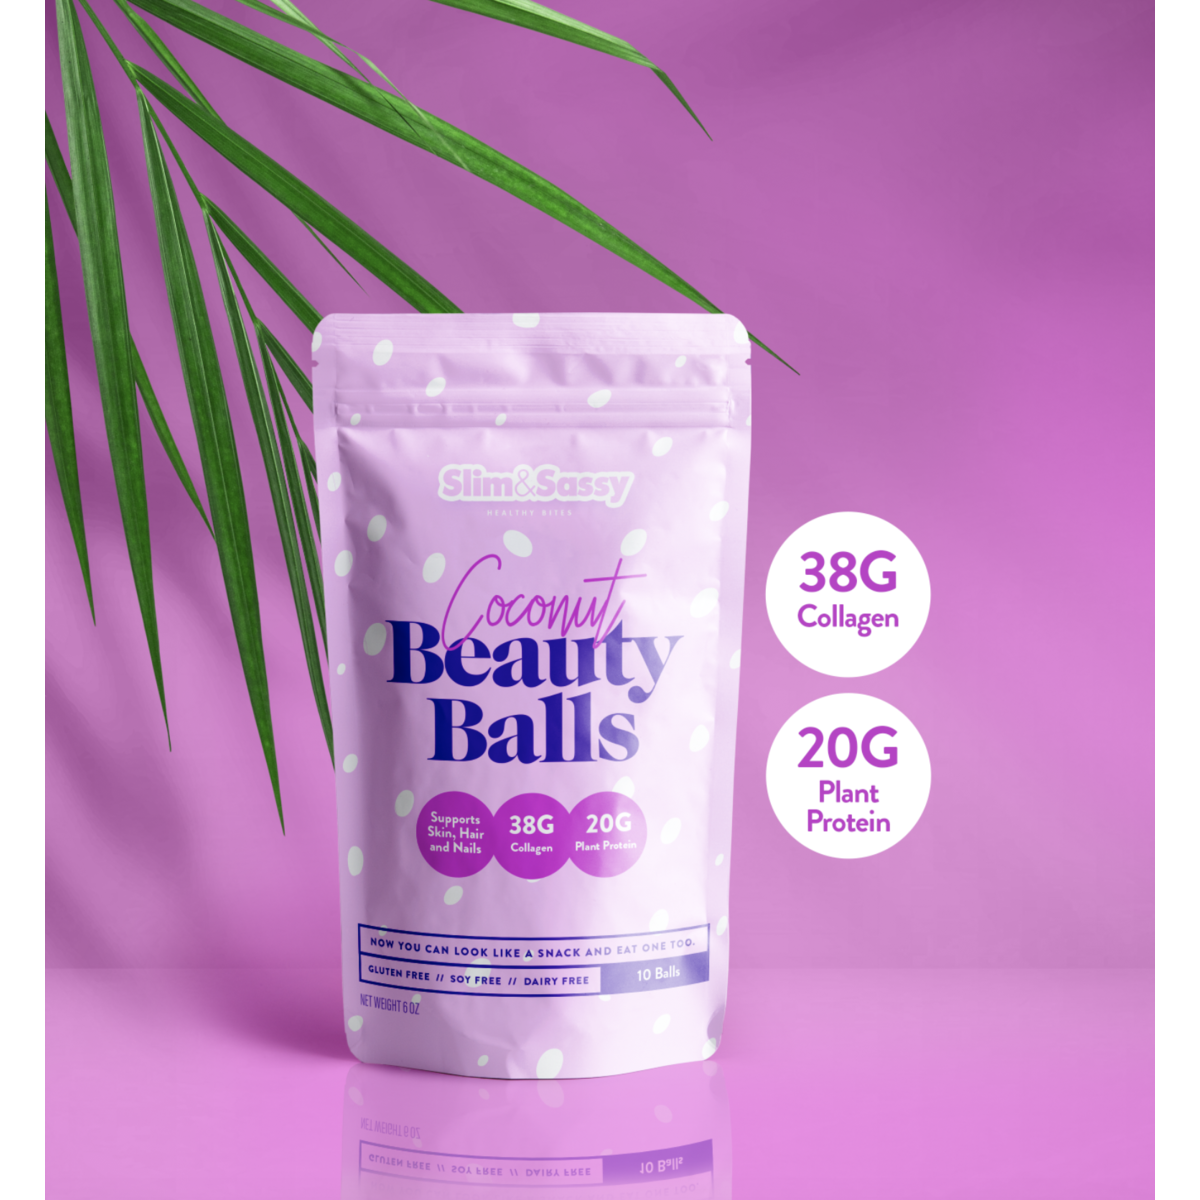 Collagen Beauty Snack (38G Collagen & 20G Protein)